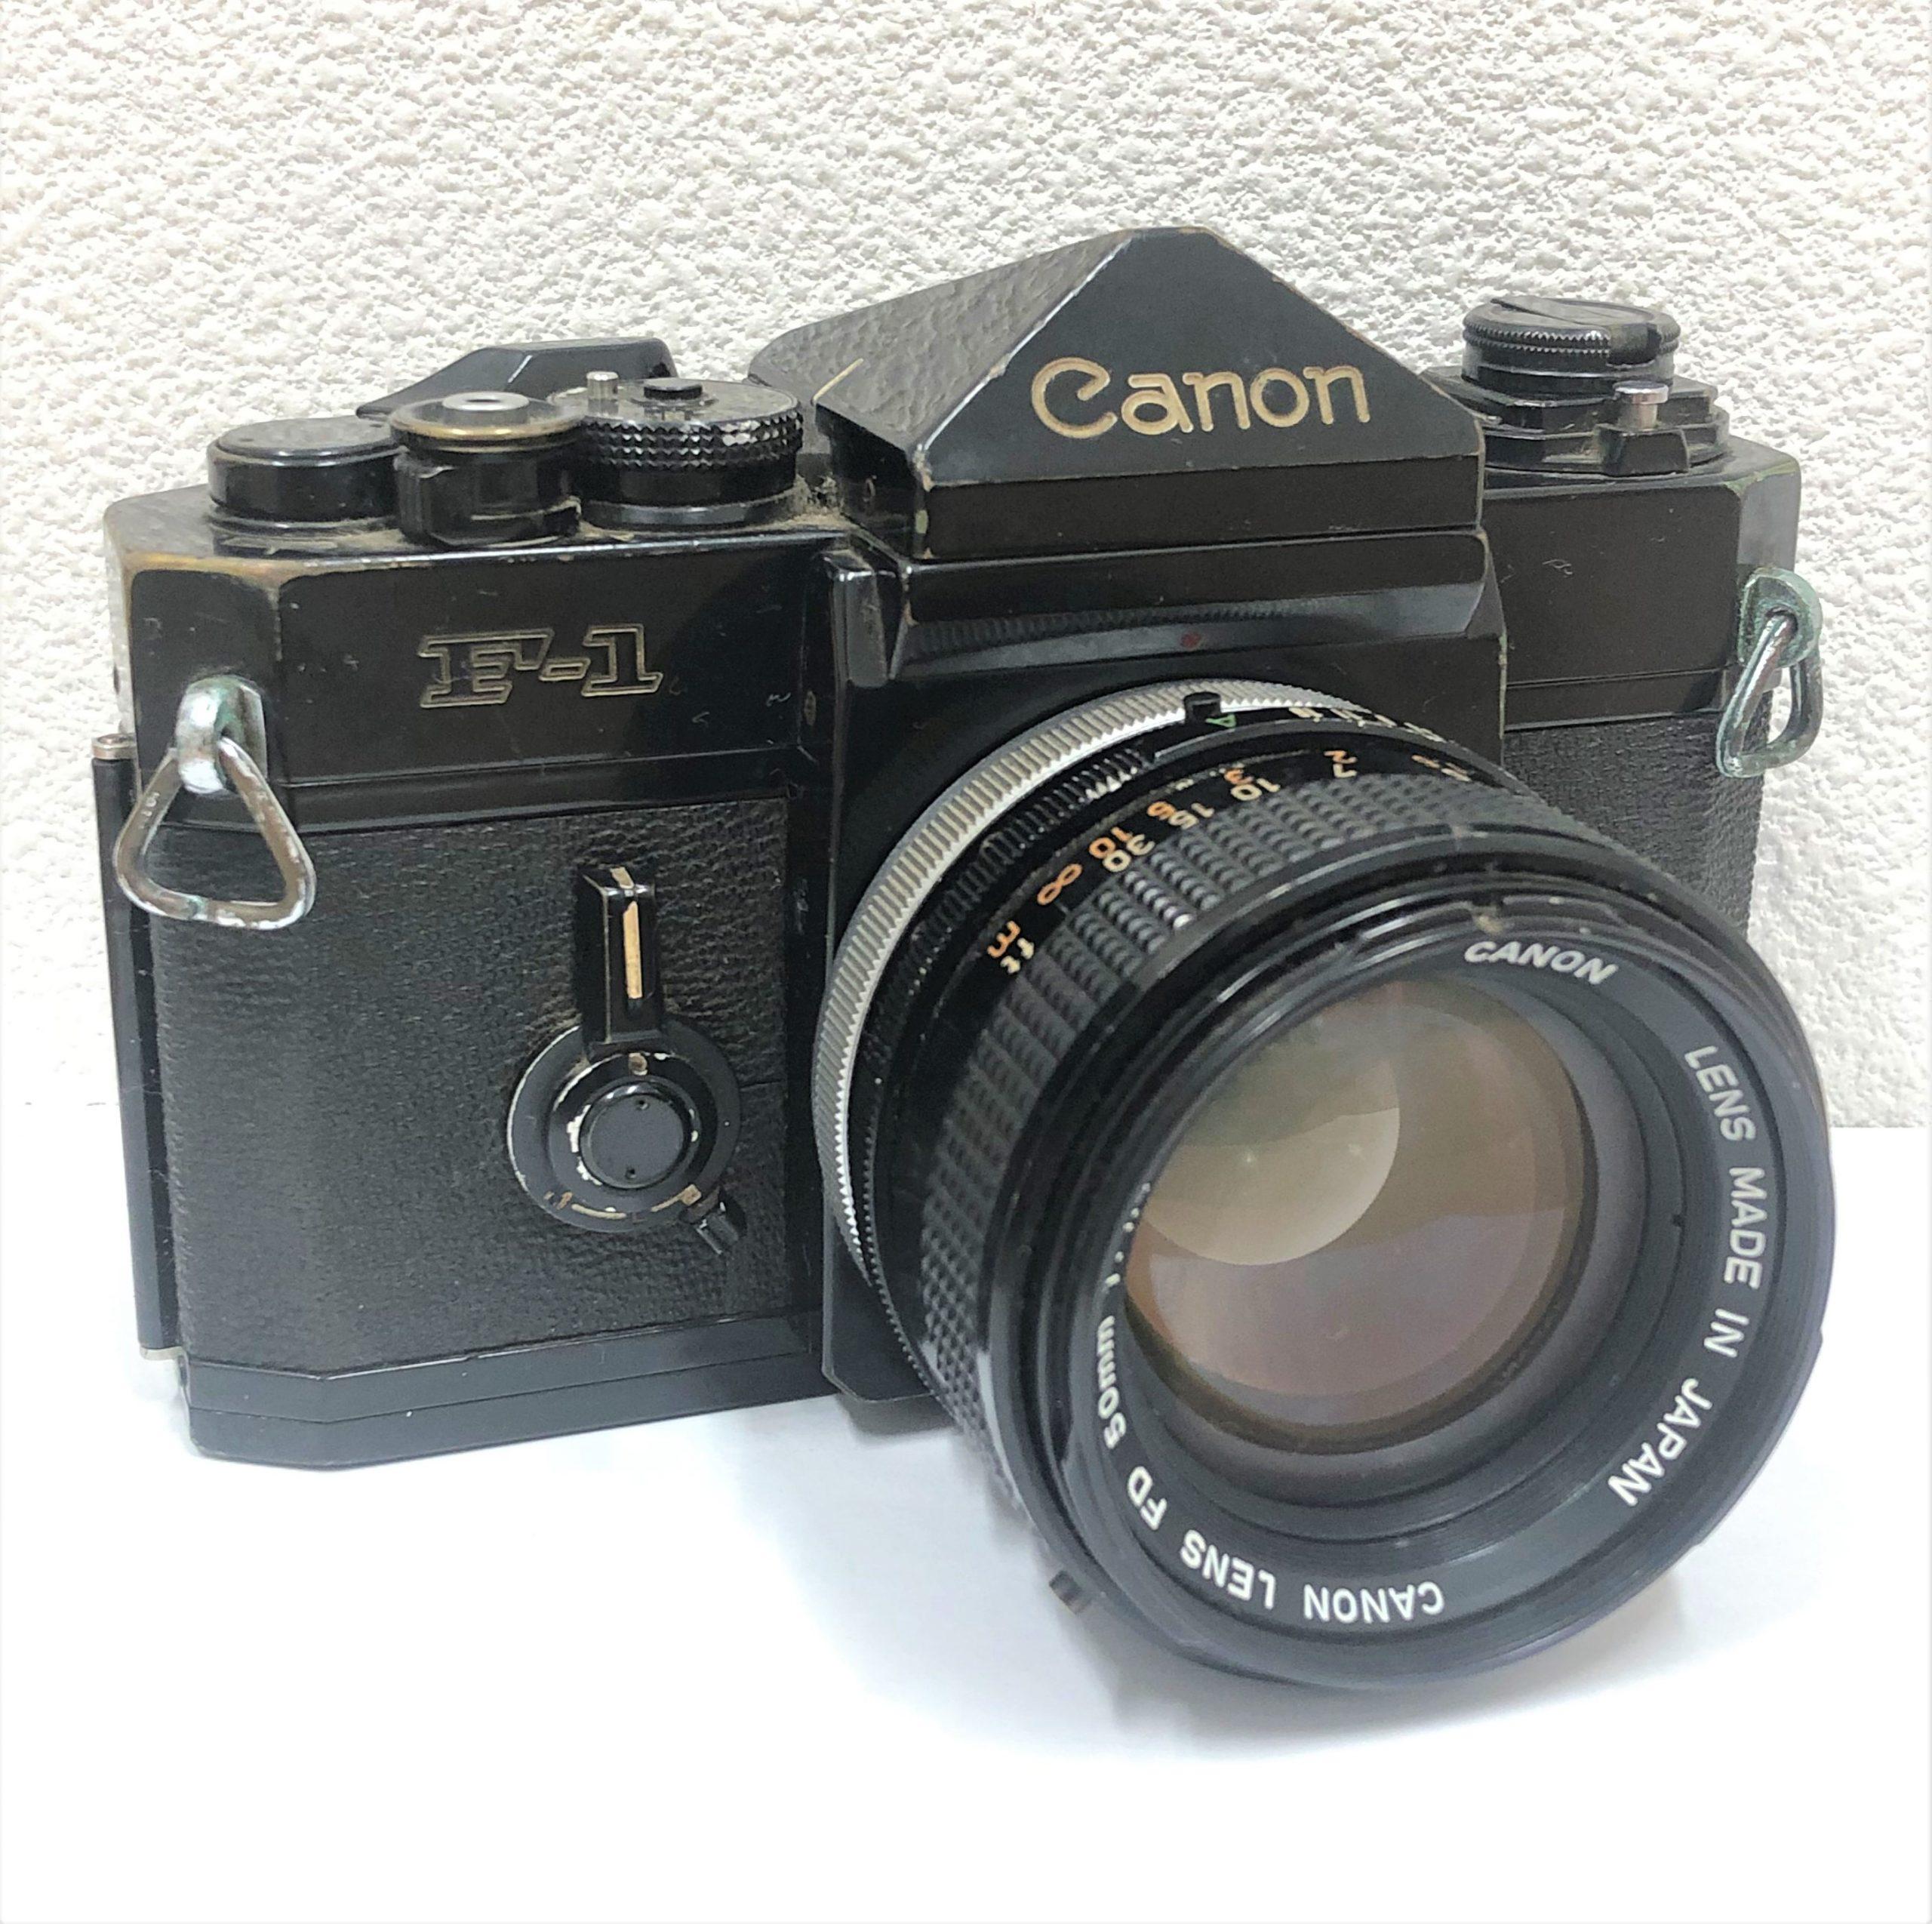 【Canon/キャノン】F-1 FD 50mm 1.4 S.S.C.  一眼レフフィルムカメラ